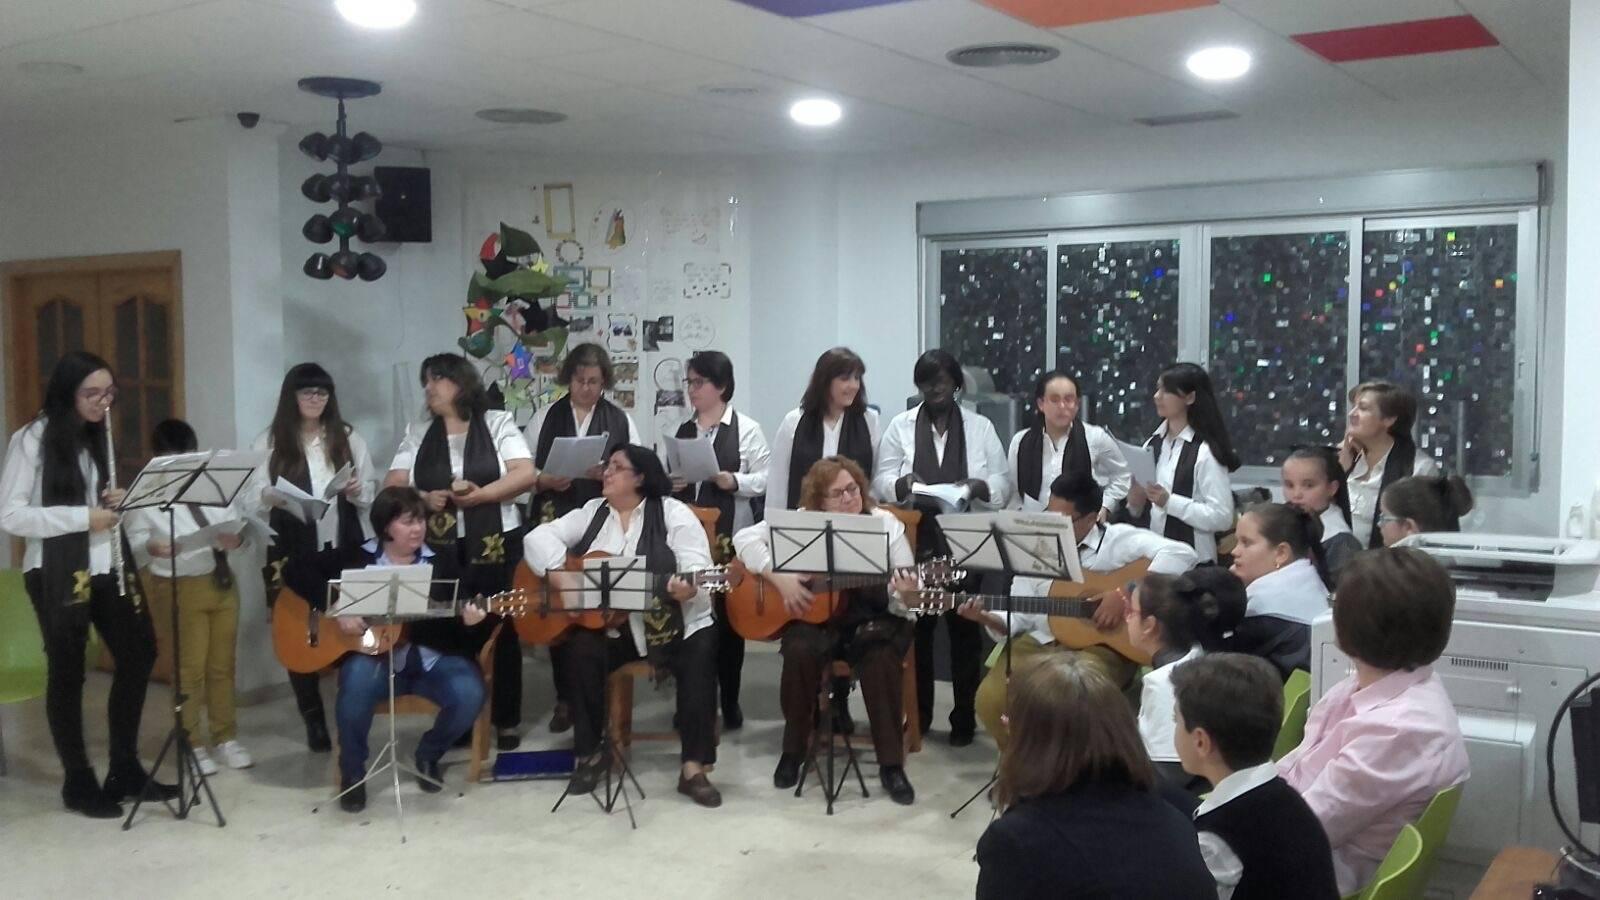 Coro de la azucena de san jose cantnado villancicos13 - Ruta de villancicos de la hermandad de San José y el grupo de coros y danzas infantil